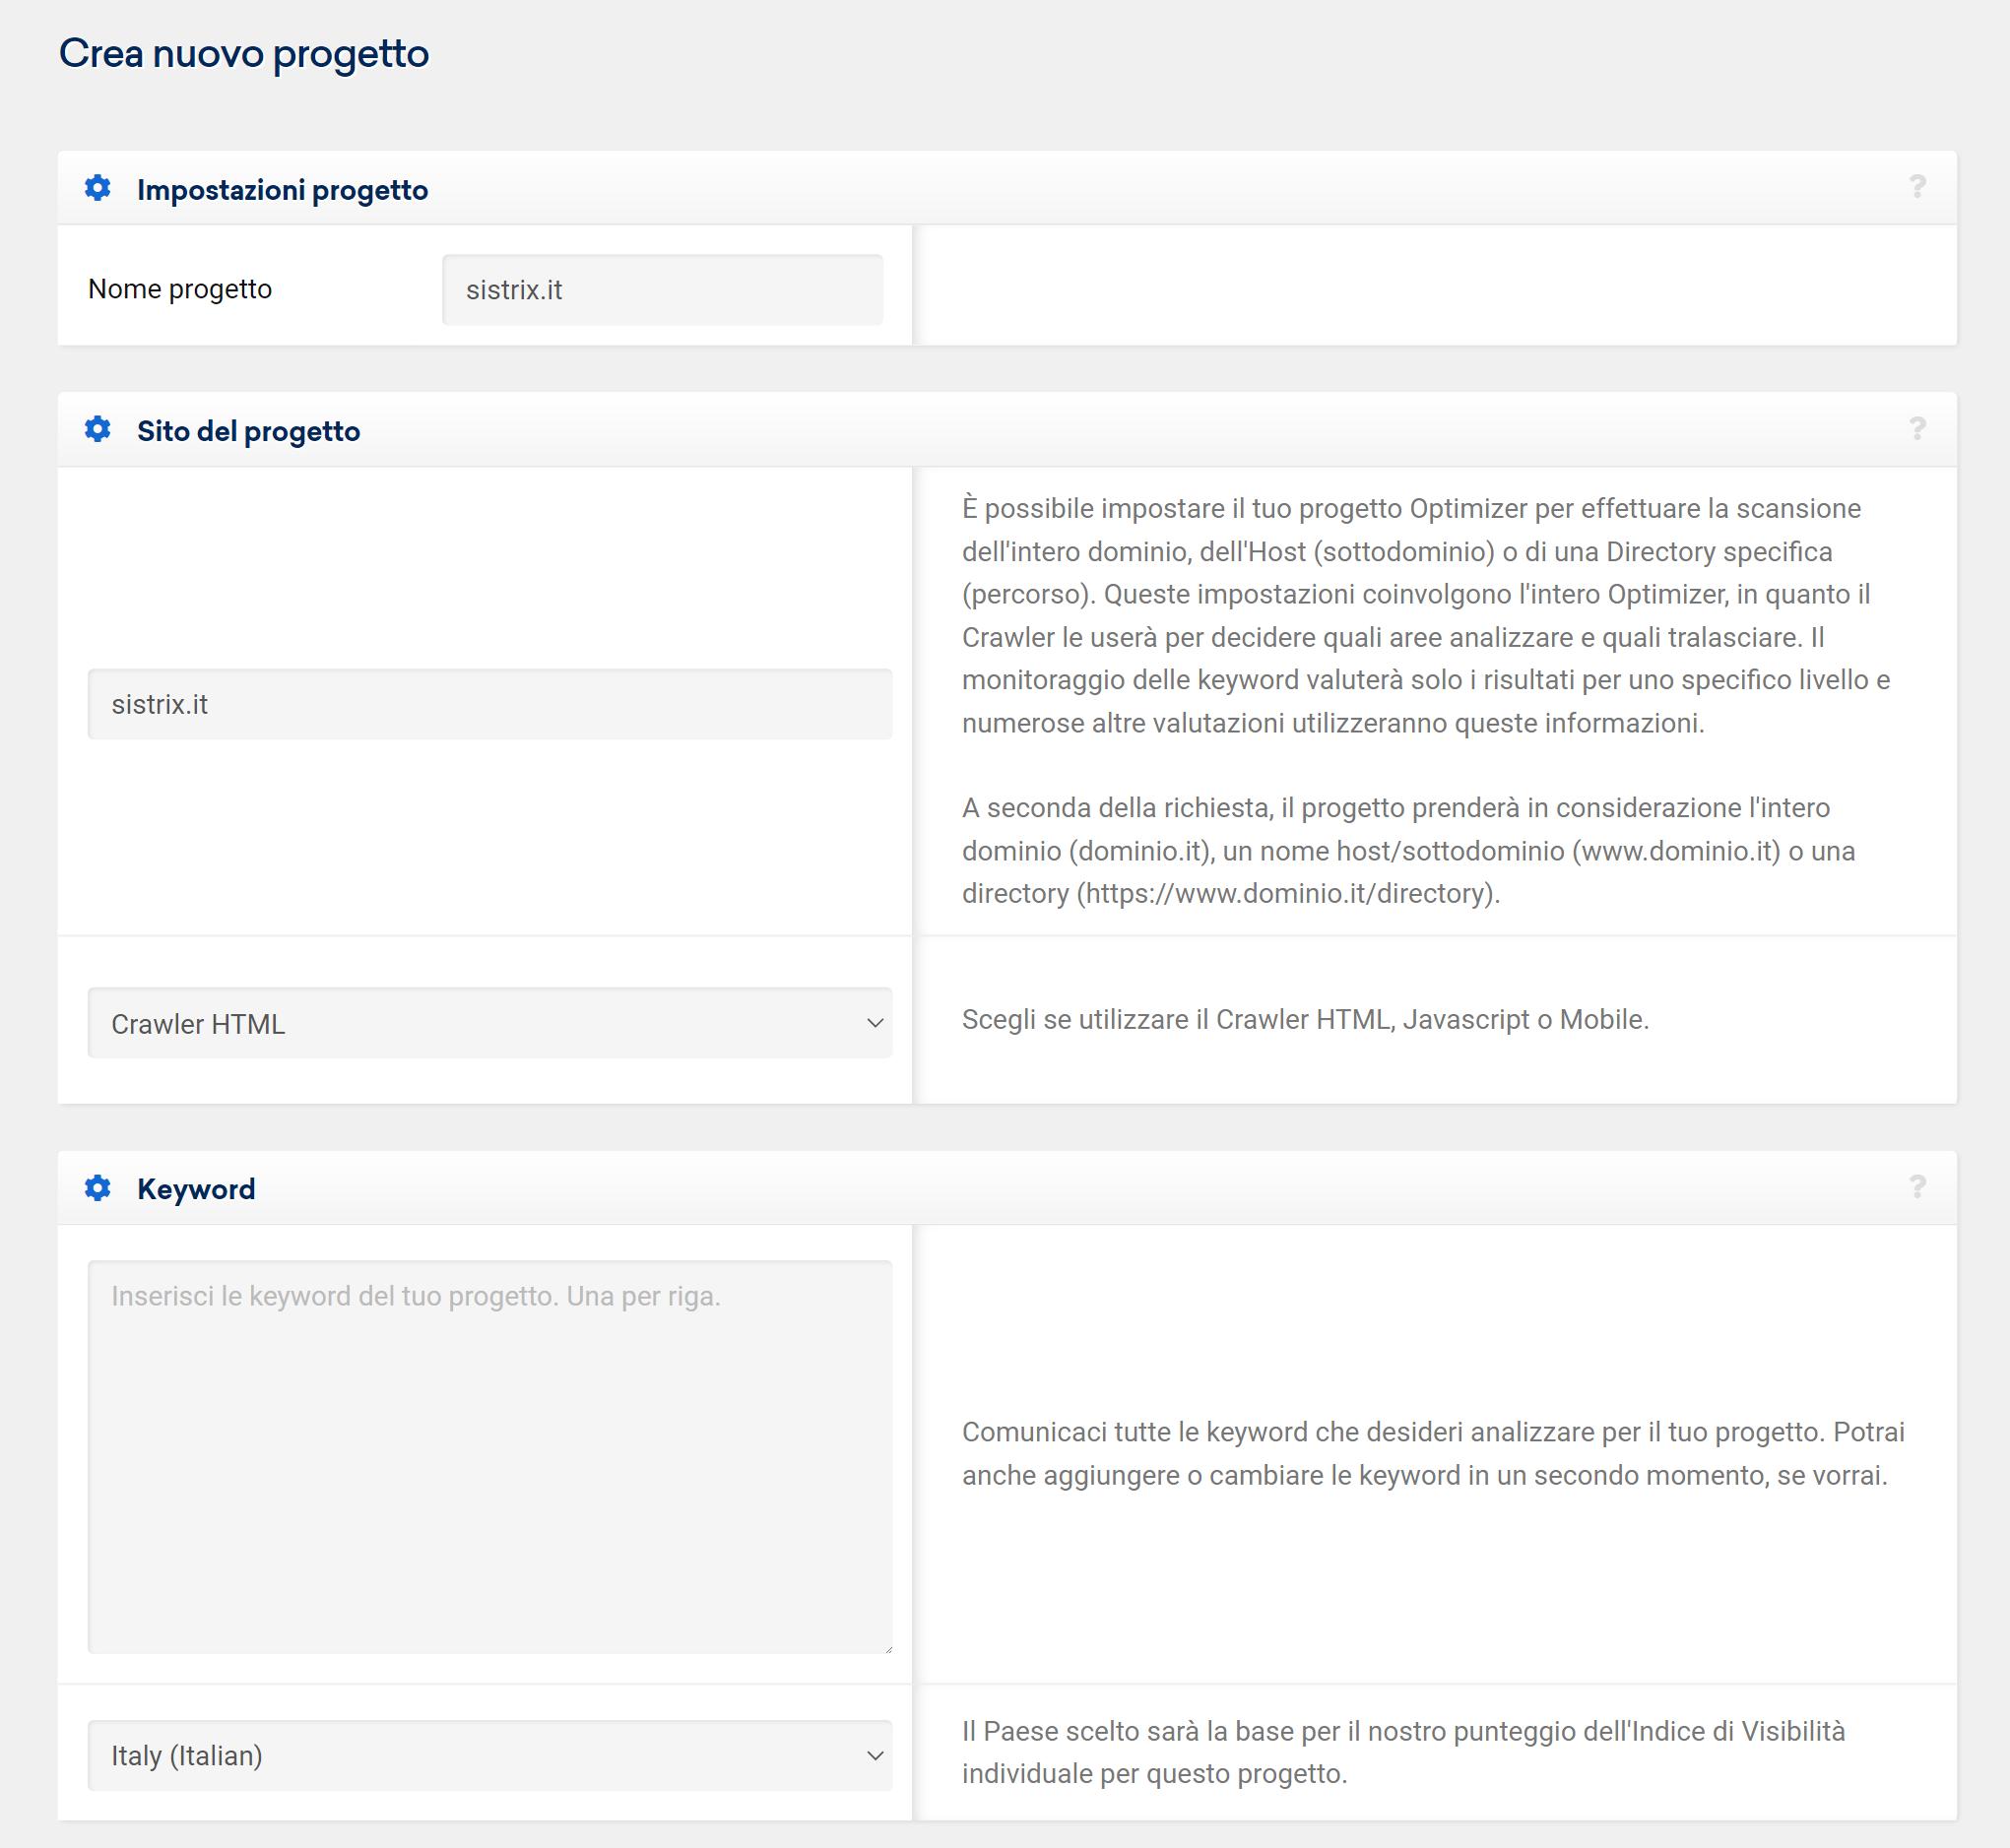 Nome e descrizione progetto Optimizer